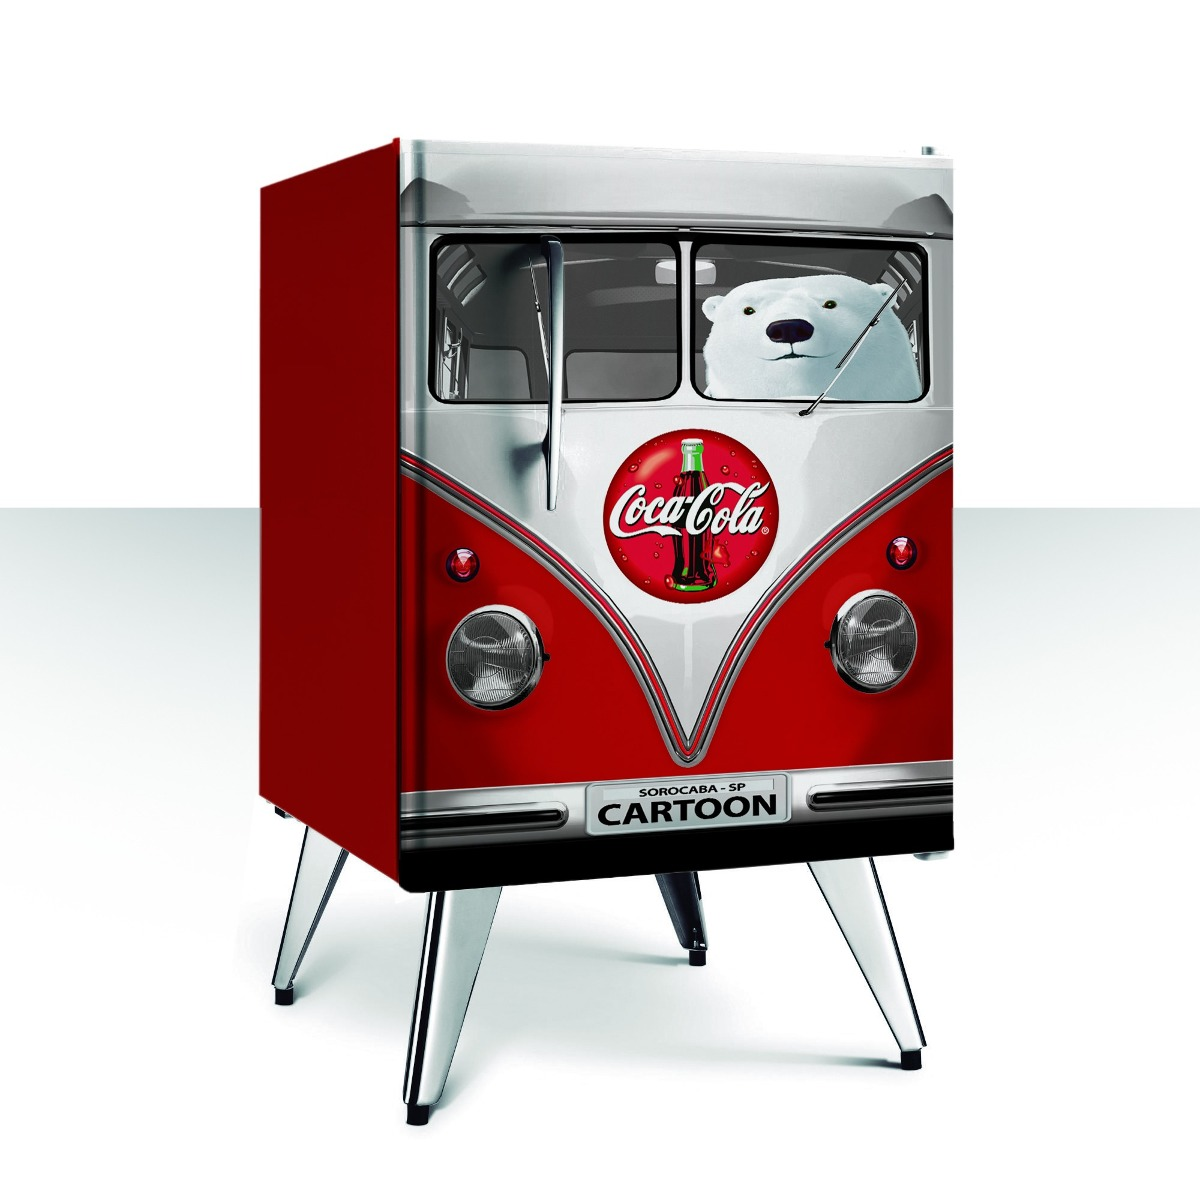 Armario Sob Medida Para Cozinha ~ Adesivo Geladeira Frigobar Kombi Freezer Retro Vw Coca Cola R$ 149,00 em Mercado Livre